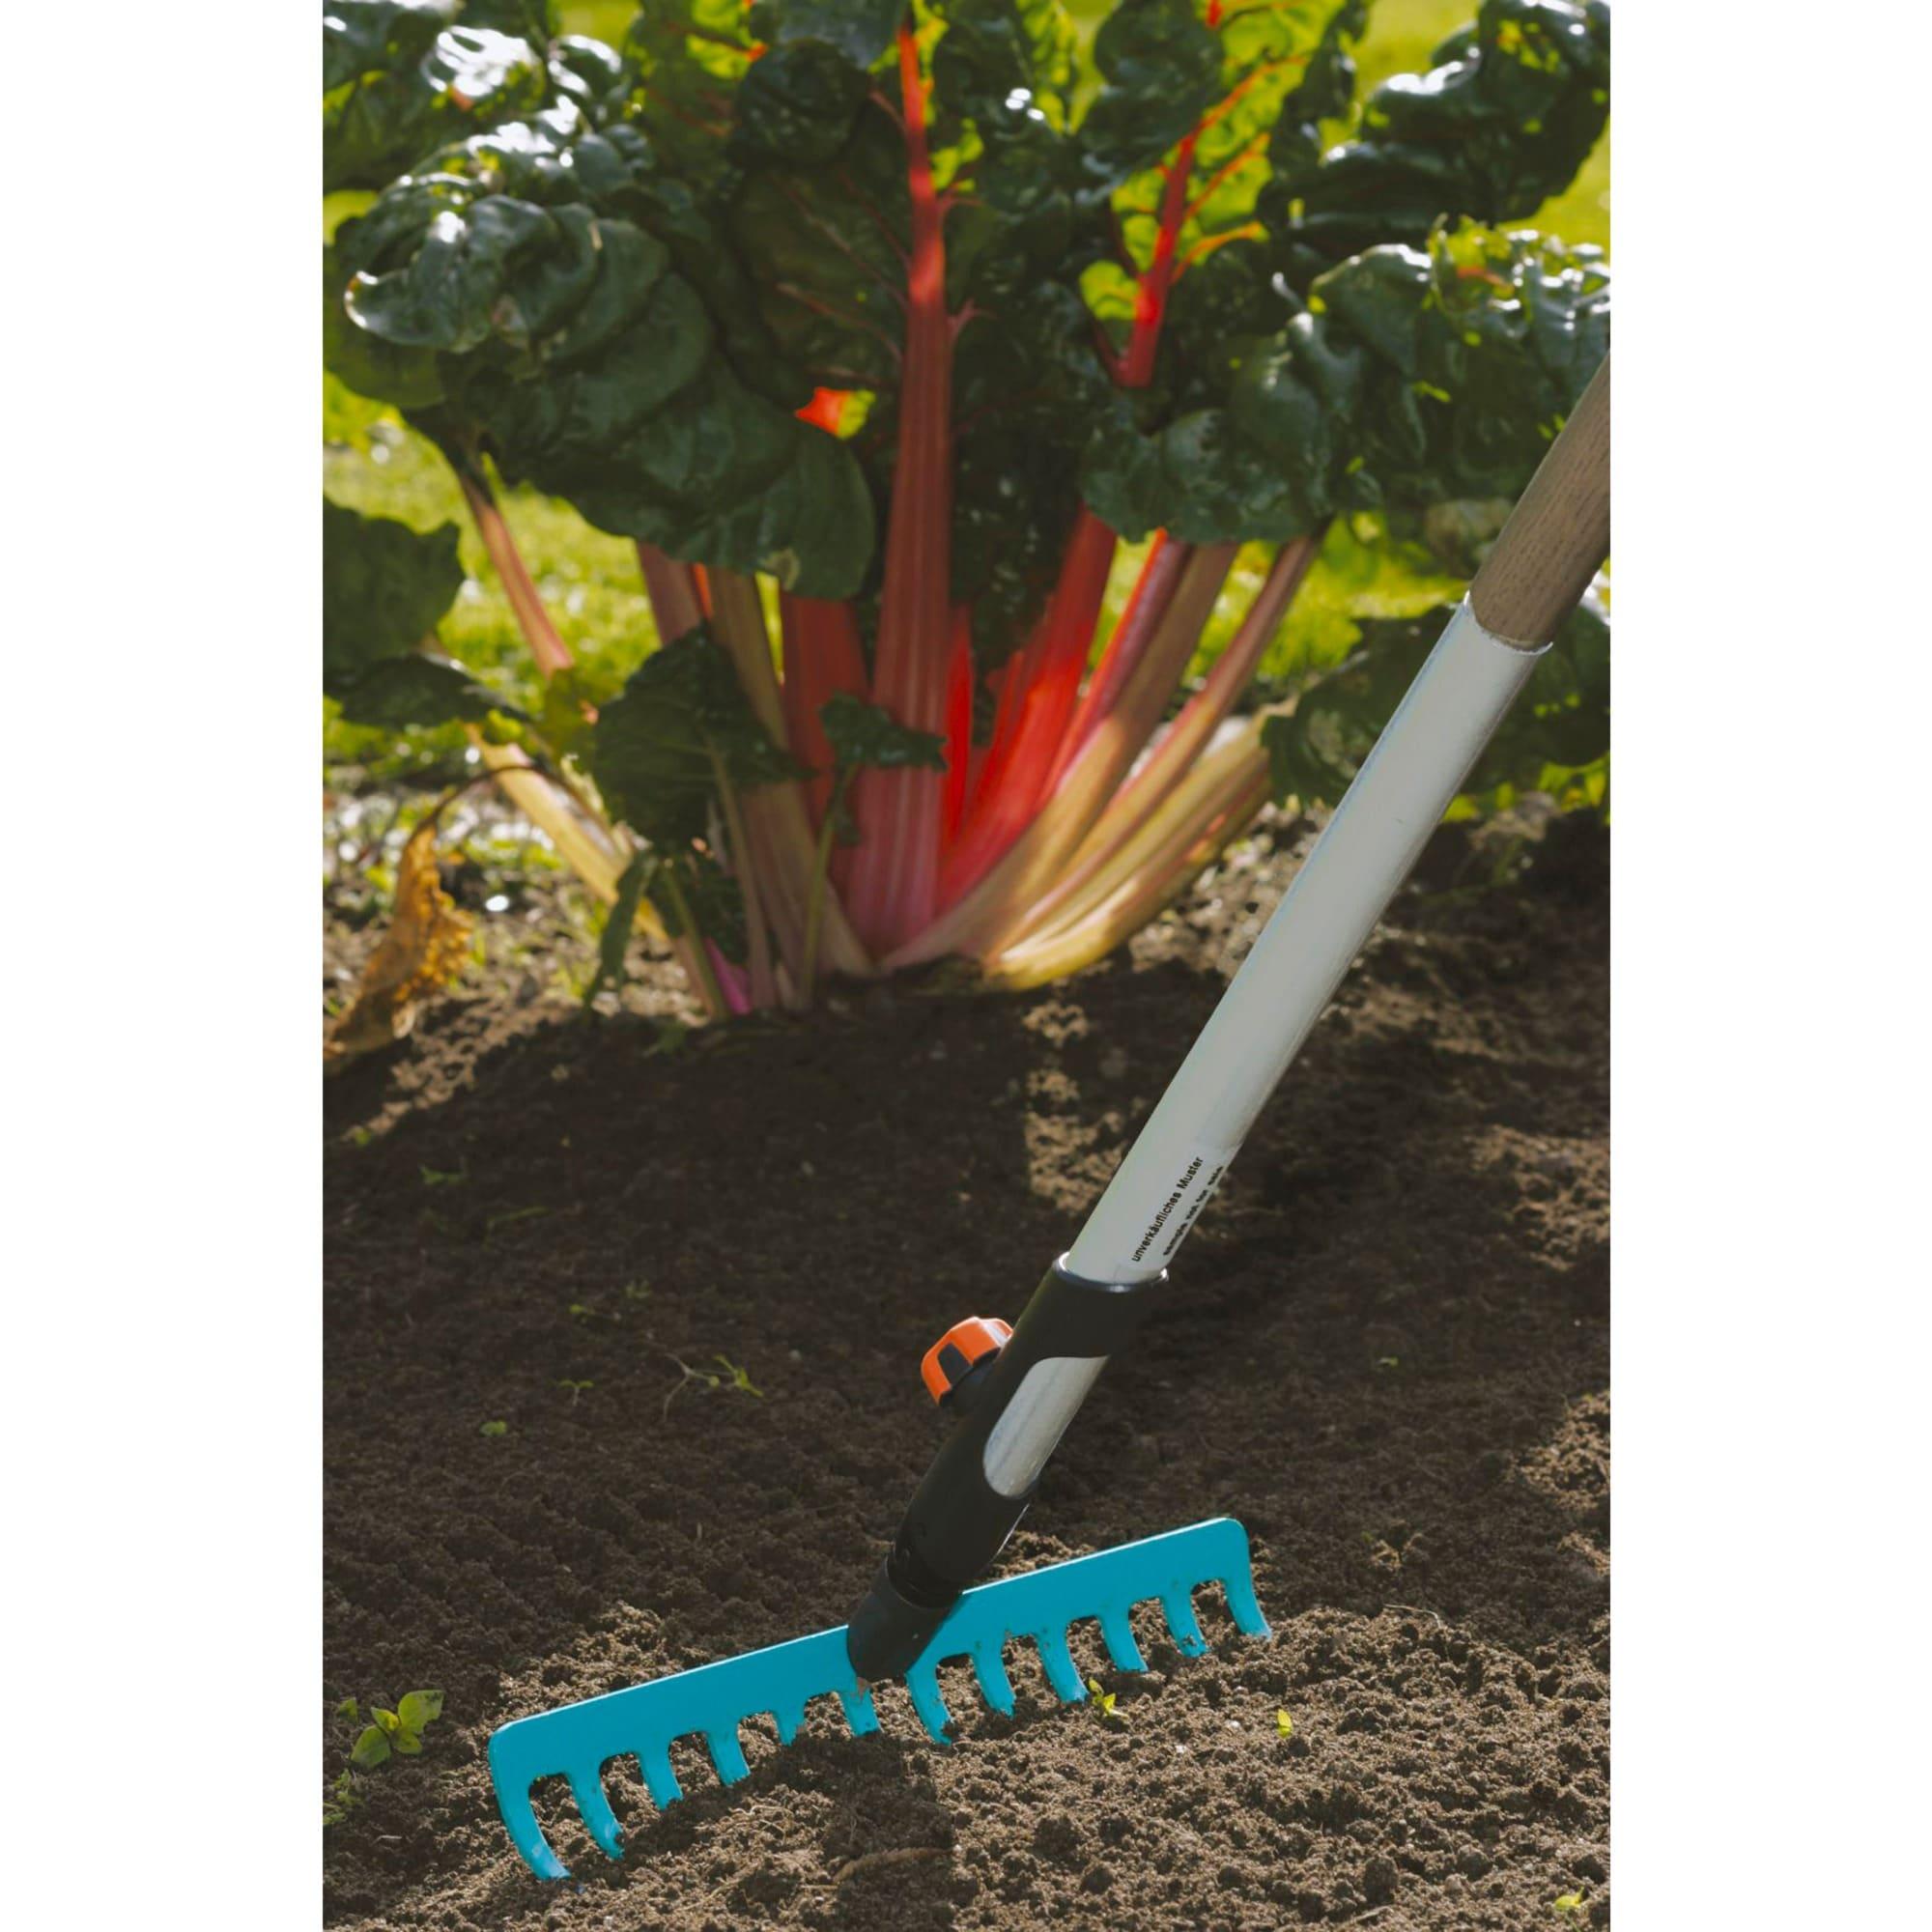 Gardena Combisystem-Rechen 30cm/12 Zinken